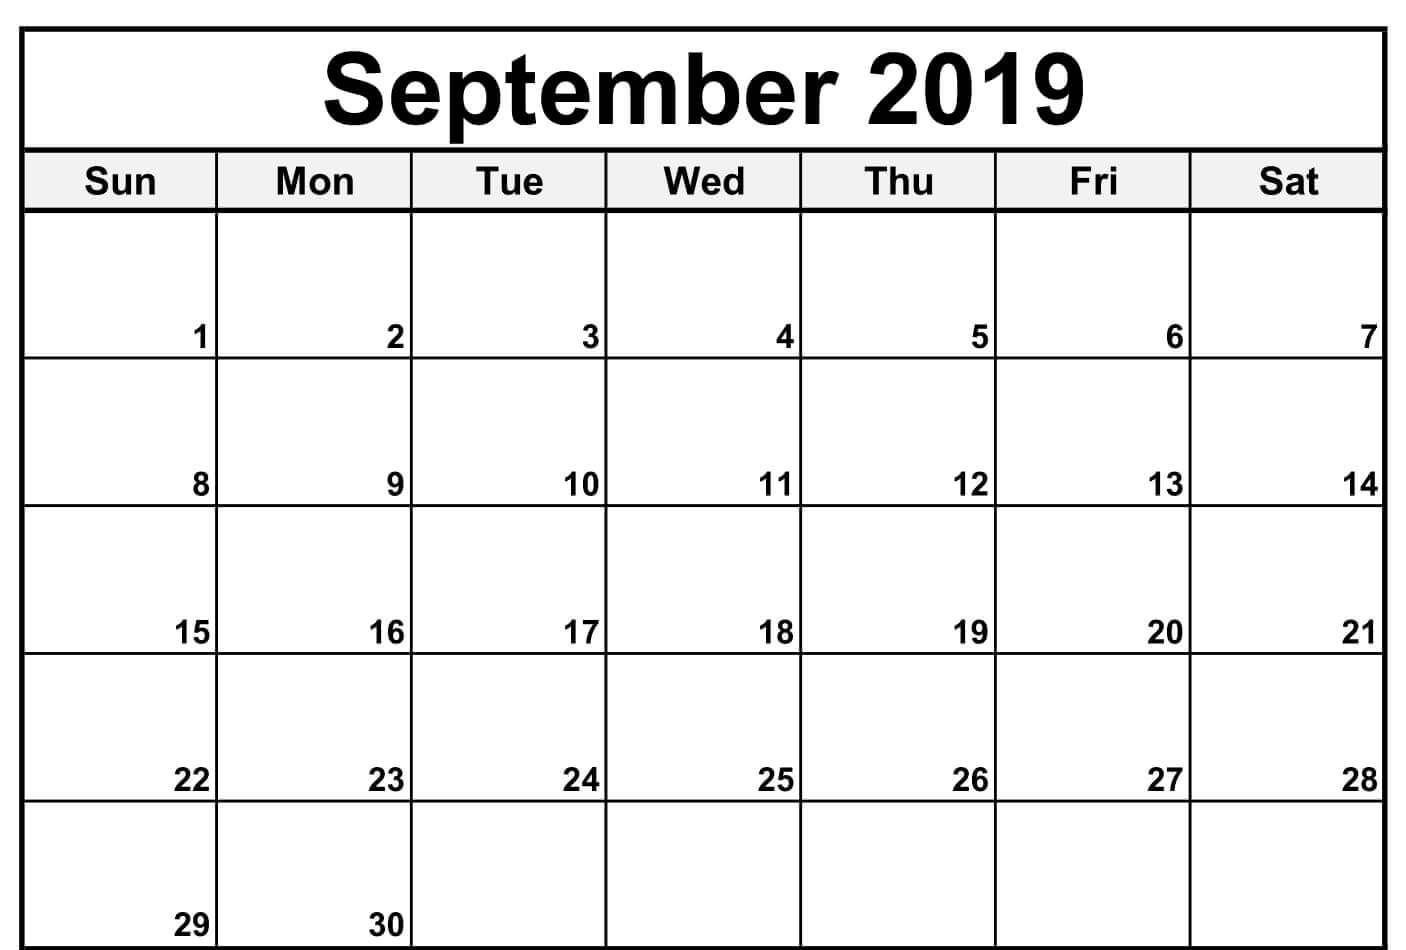 September 2019 Calendar Excel | September Calendar, Blank